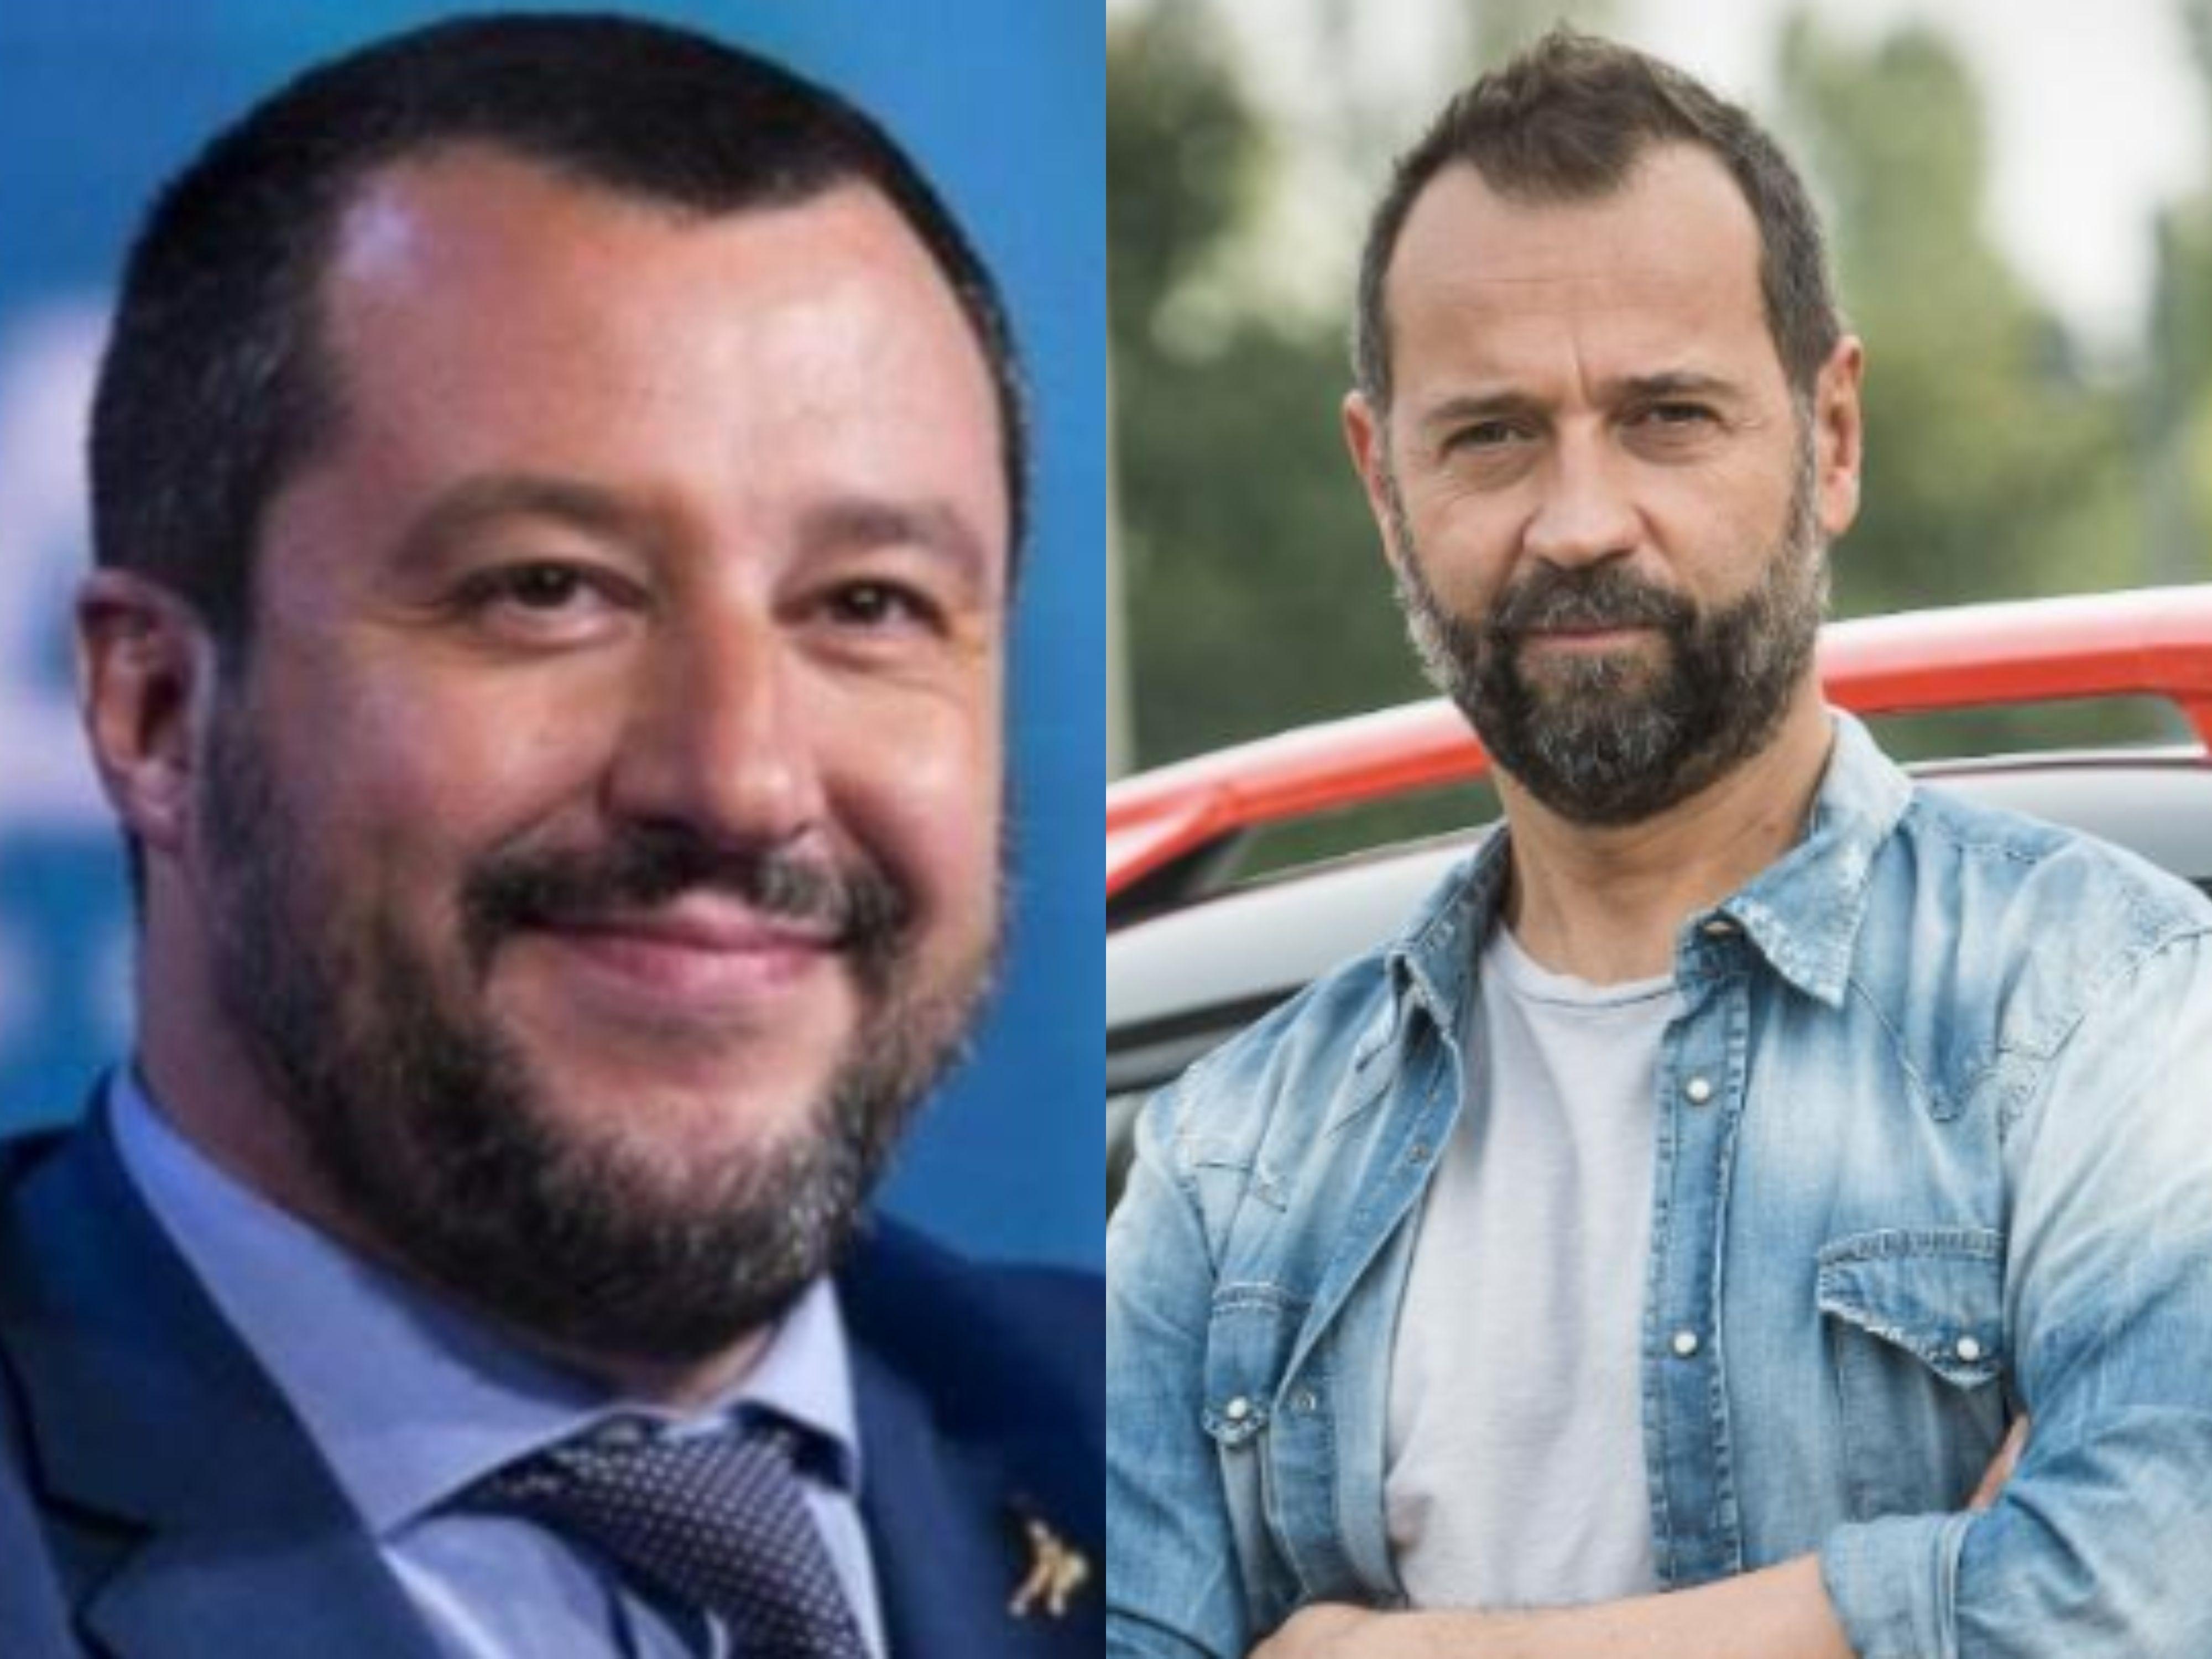 Salvini, Fabio Volo in diretta: «Vai a citofonare ai camorristi se hai le palle str***o senza palle». Bufera su radio Deejay